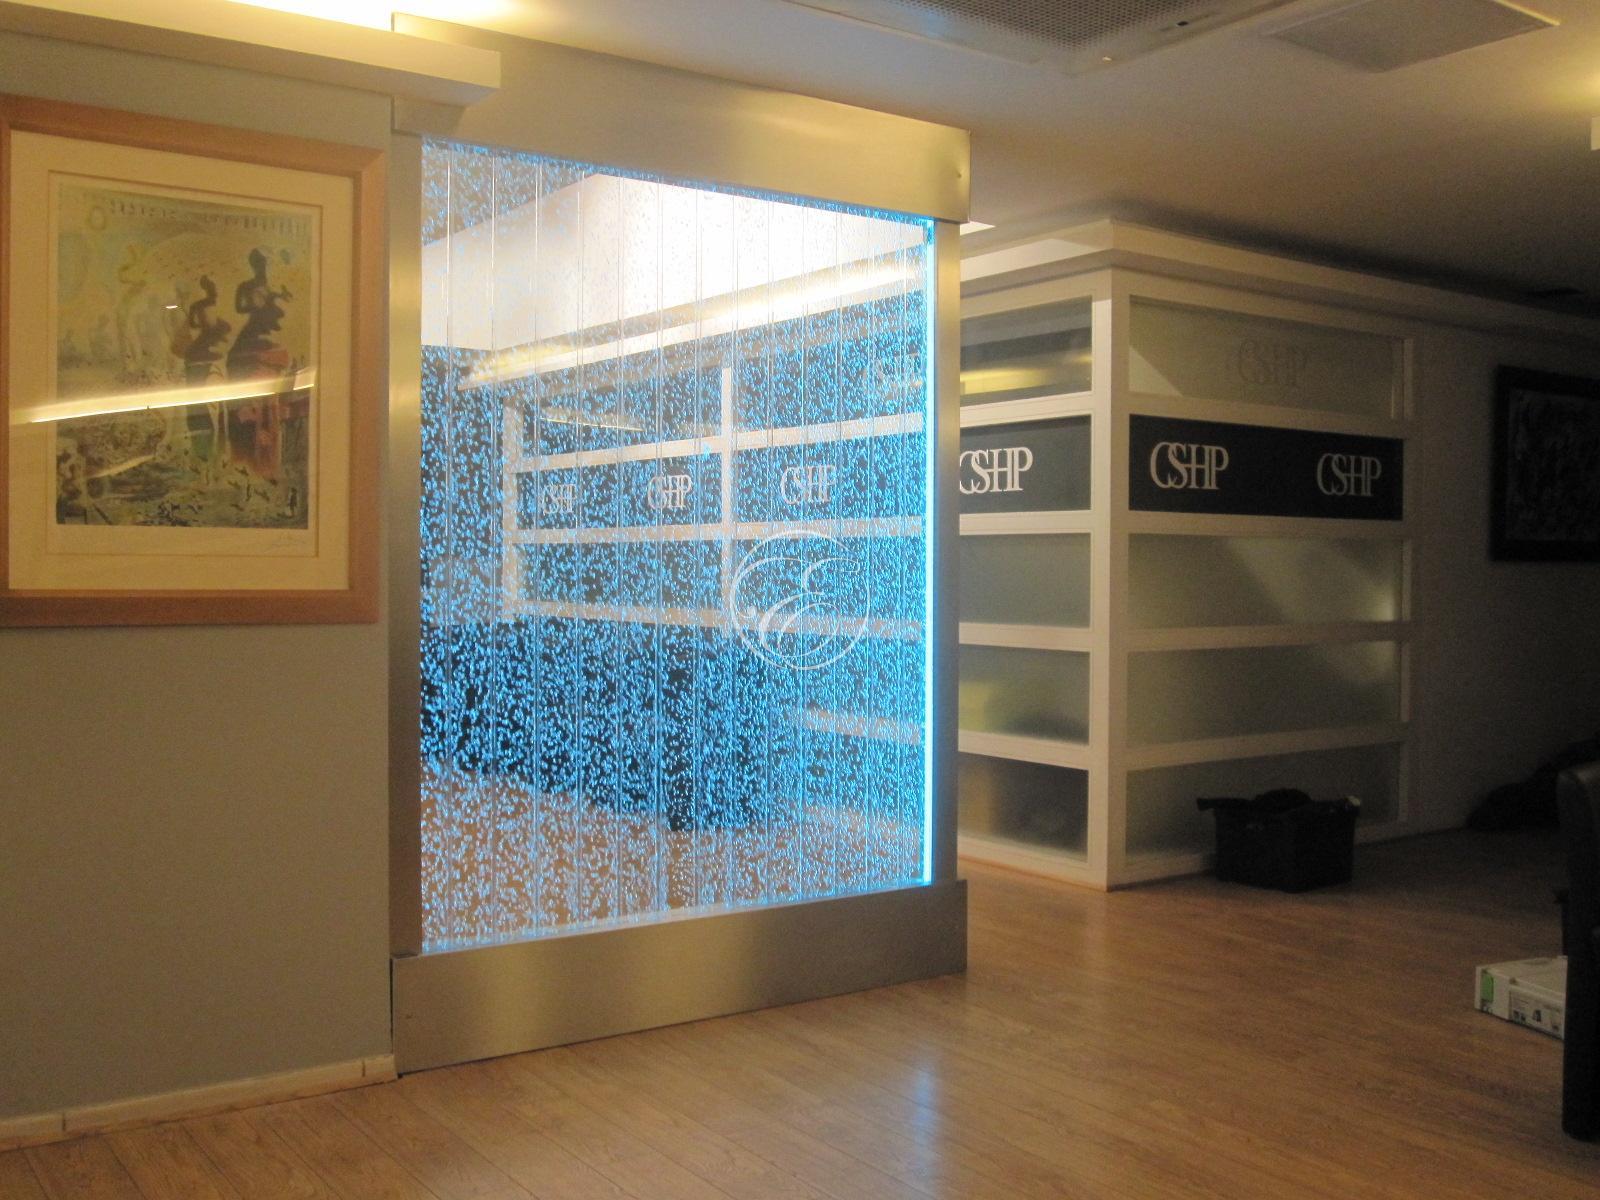 mur de bulles clinique esth tique paris. Black Bedroom Furniture Sets. Home Design Ideas